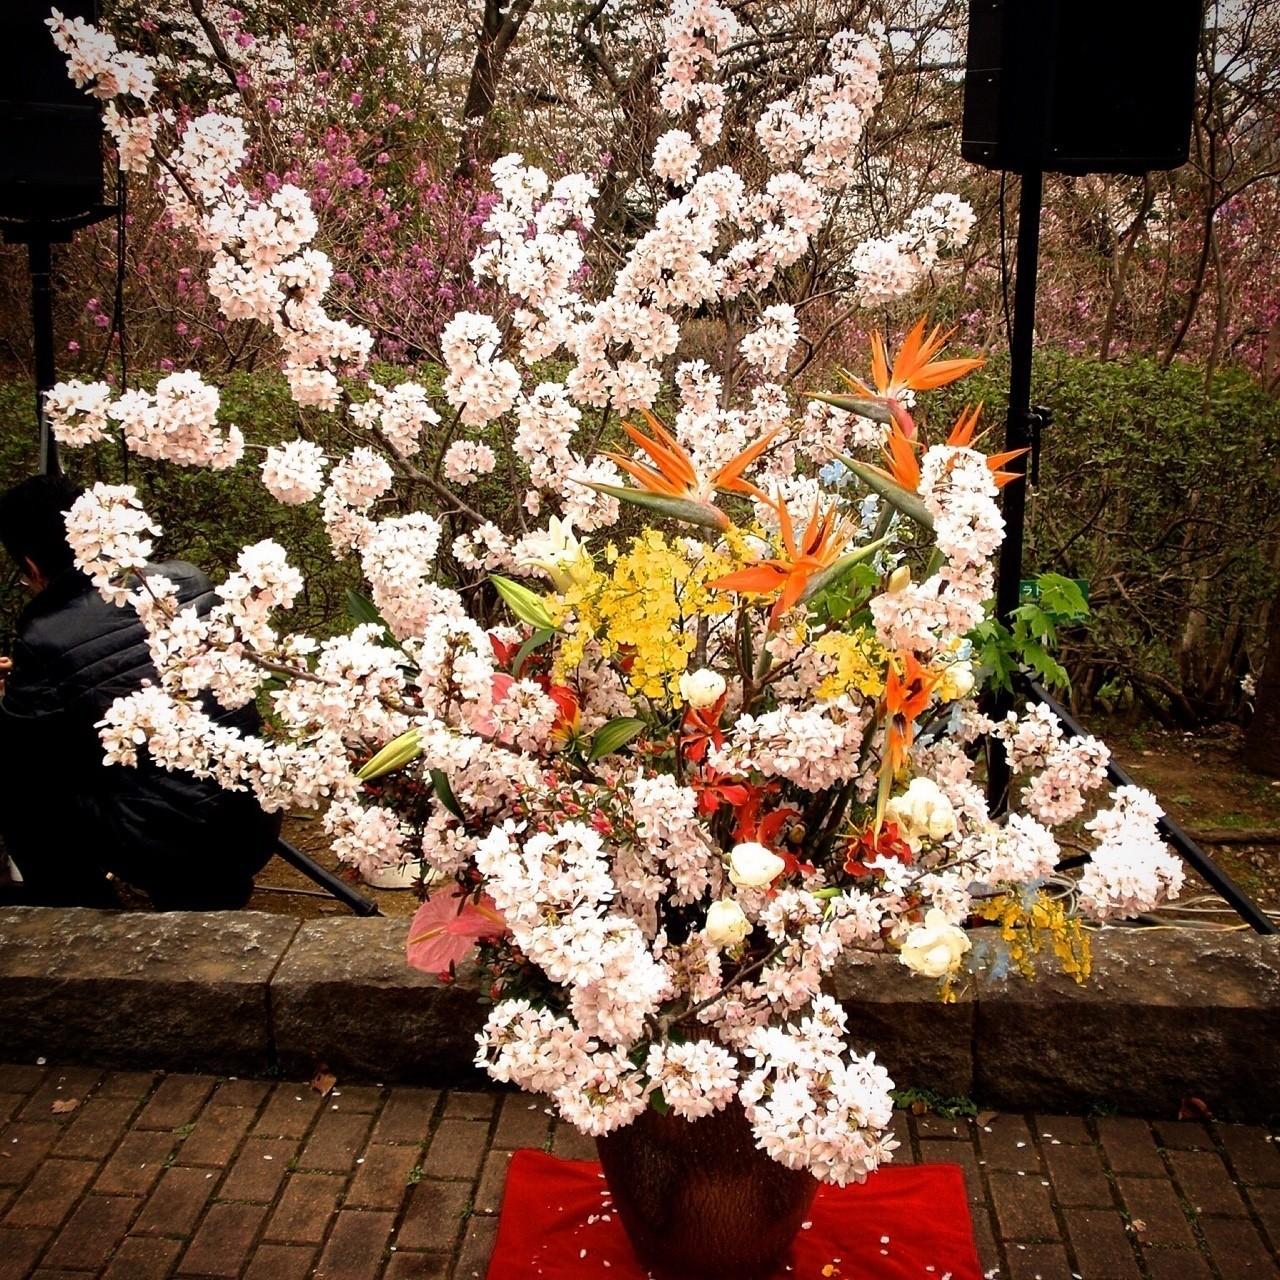 桜の季節の観桜会で生けたお花です。花材は桜、ストレリチア、グロリオーサ、ハクモクレン、オンシジウム、イタヤカエデ、アンスリウムなど。  桜は満開になるとあっという間に散ってしまうので、華道作品として使う時にはタイミングがとても重要。 イベント前日に5〜7分咲きくらいの状態で生けて、当日8〜9分咲きにするのがベスト。  桜に限らず、花は満開になる直前が一番美しいです。今まさに満開になろうとする、生命力が爆発する瞬間の輝きたるや!  #生け花 #華道 #草月流 #華道男子 #桜